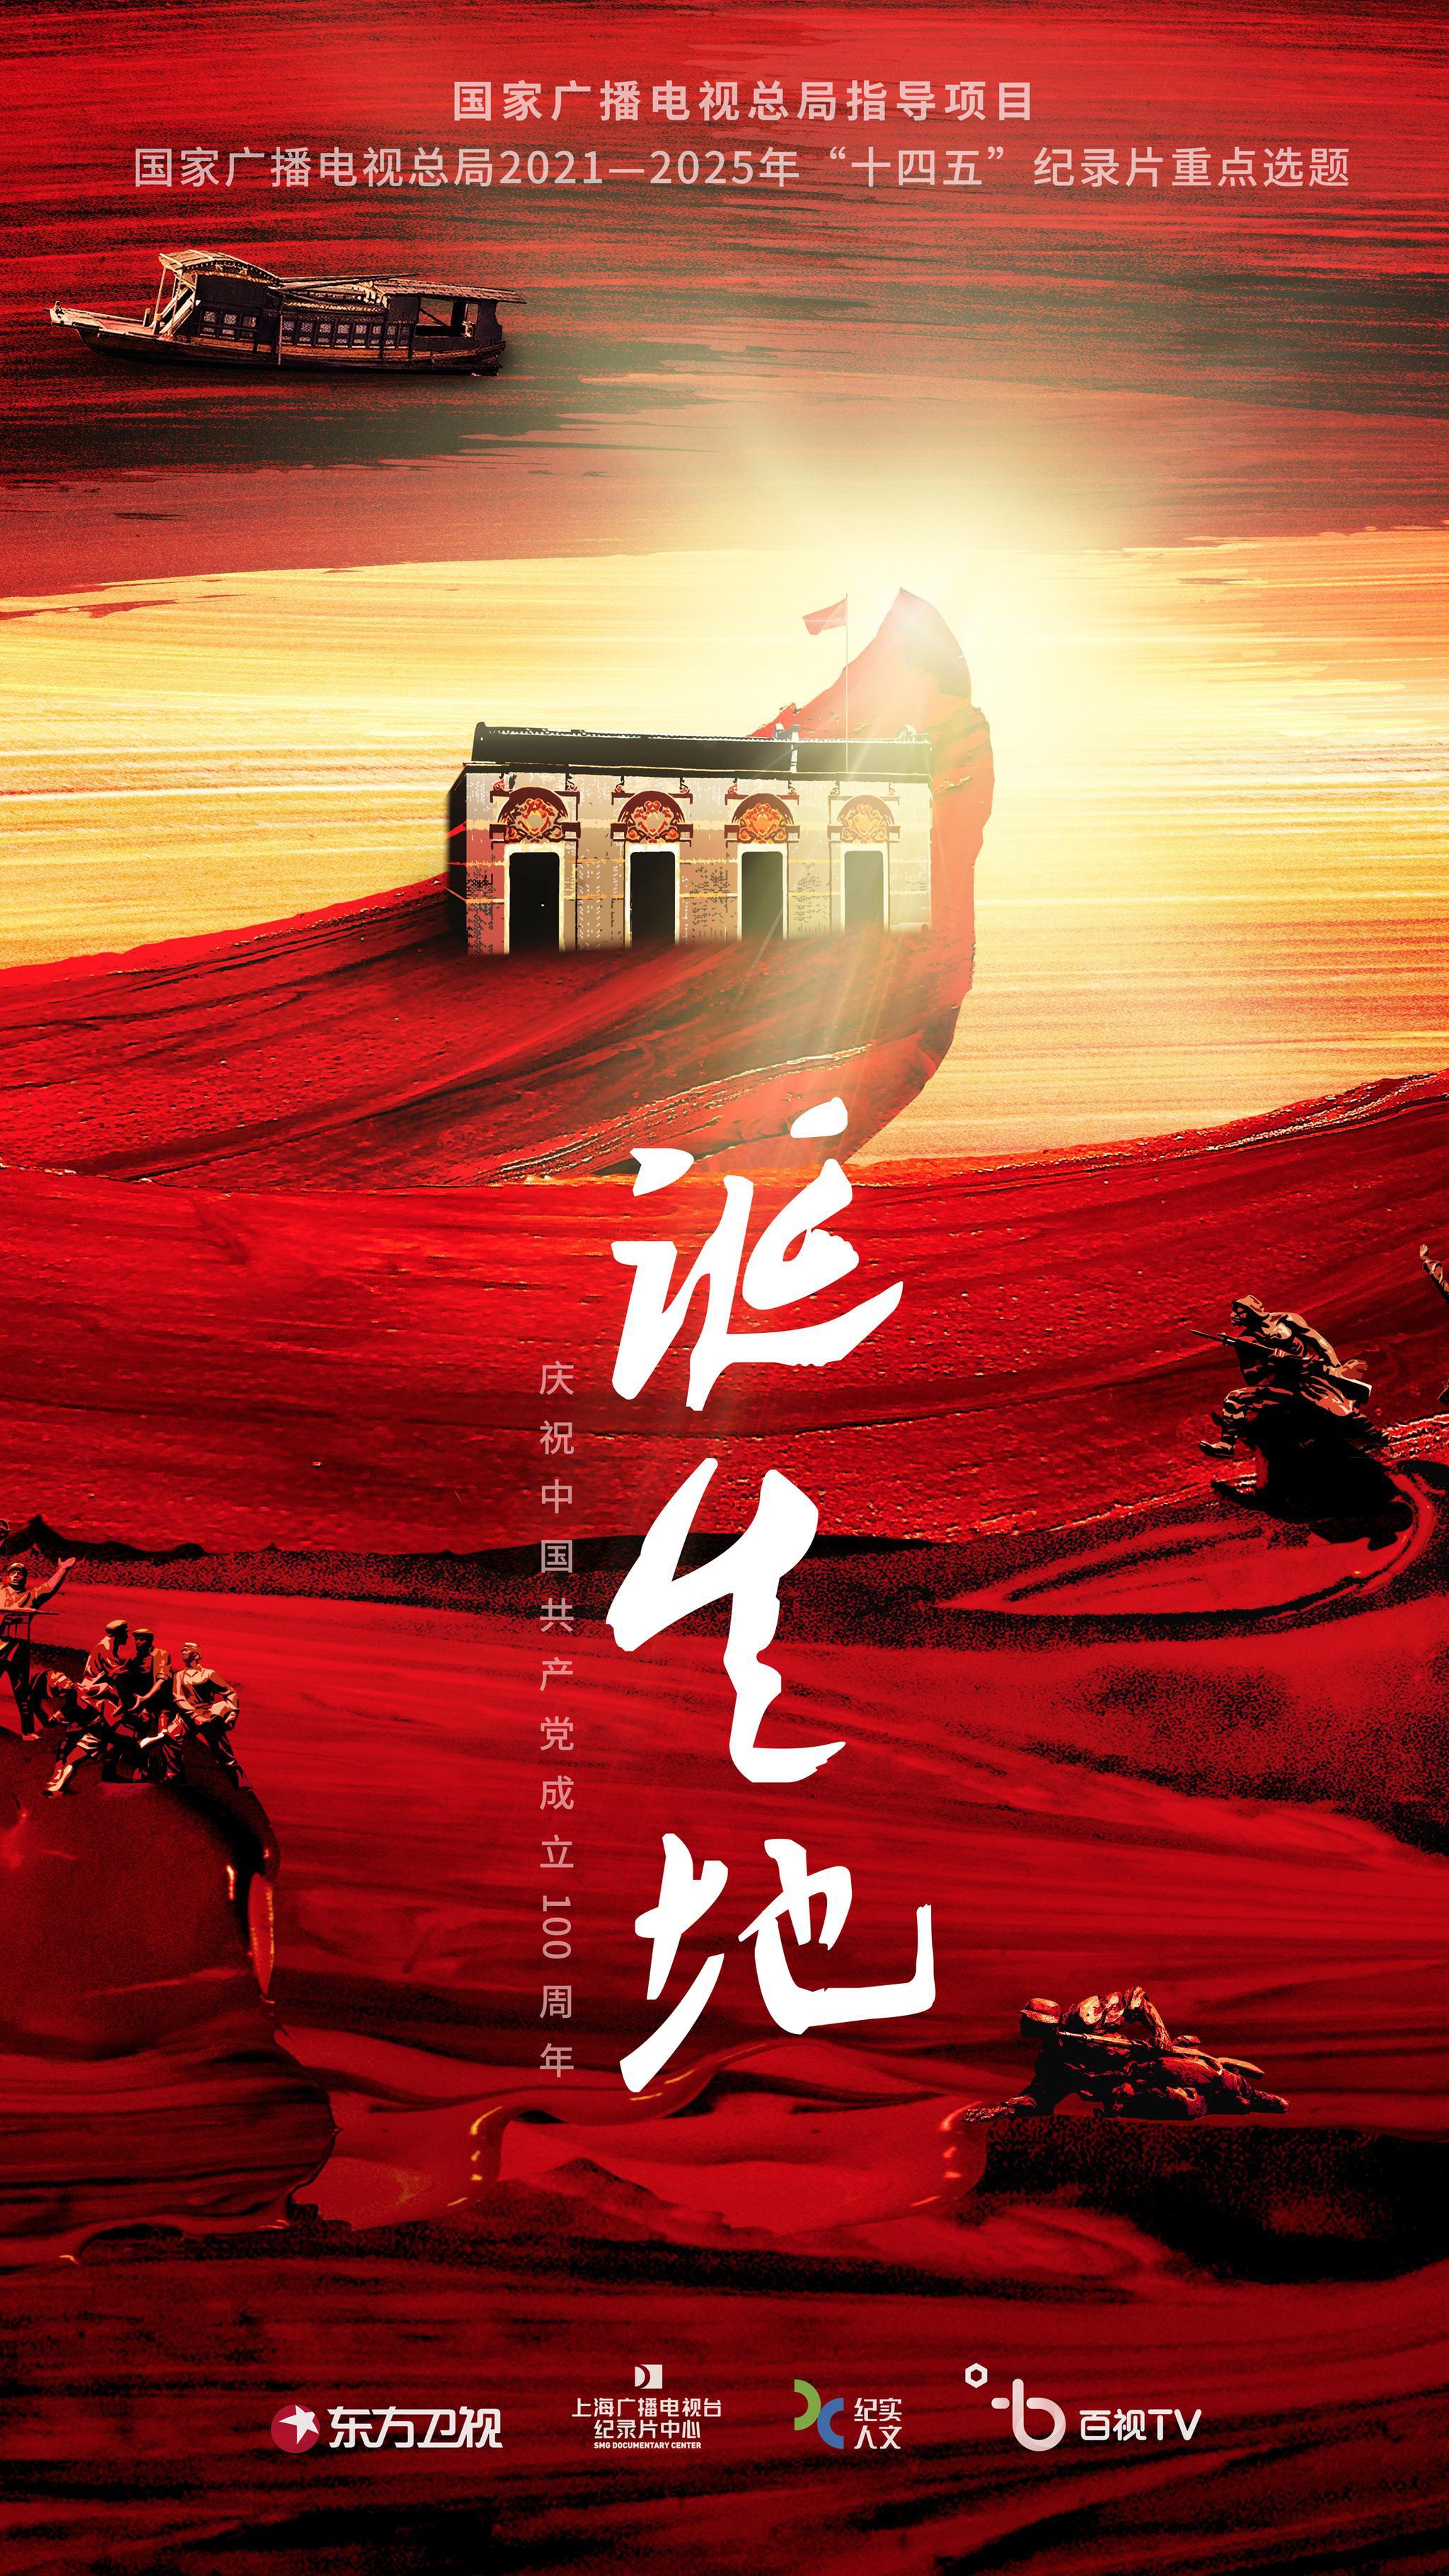 上海广播电视台纪录片中心推出一系列建党百年重点纪录片